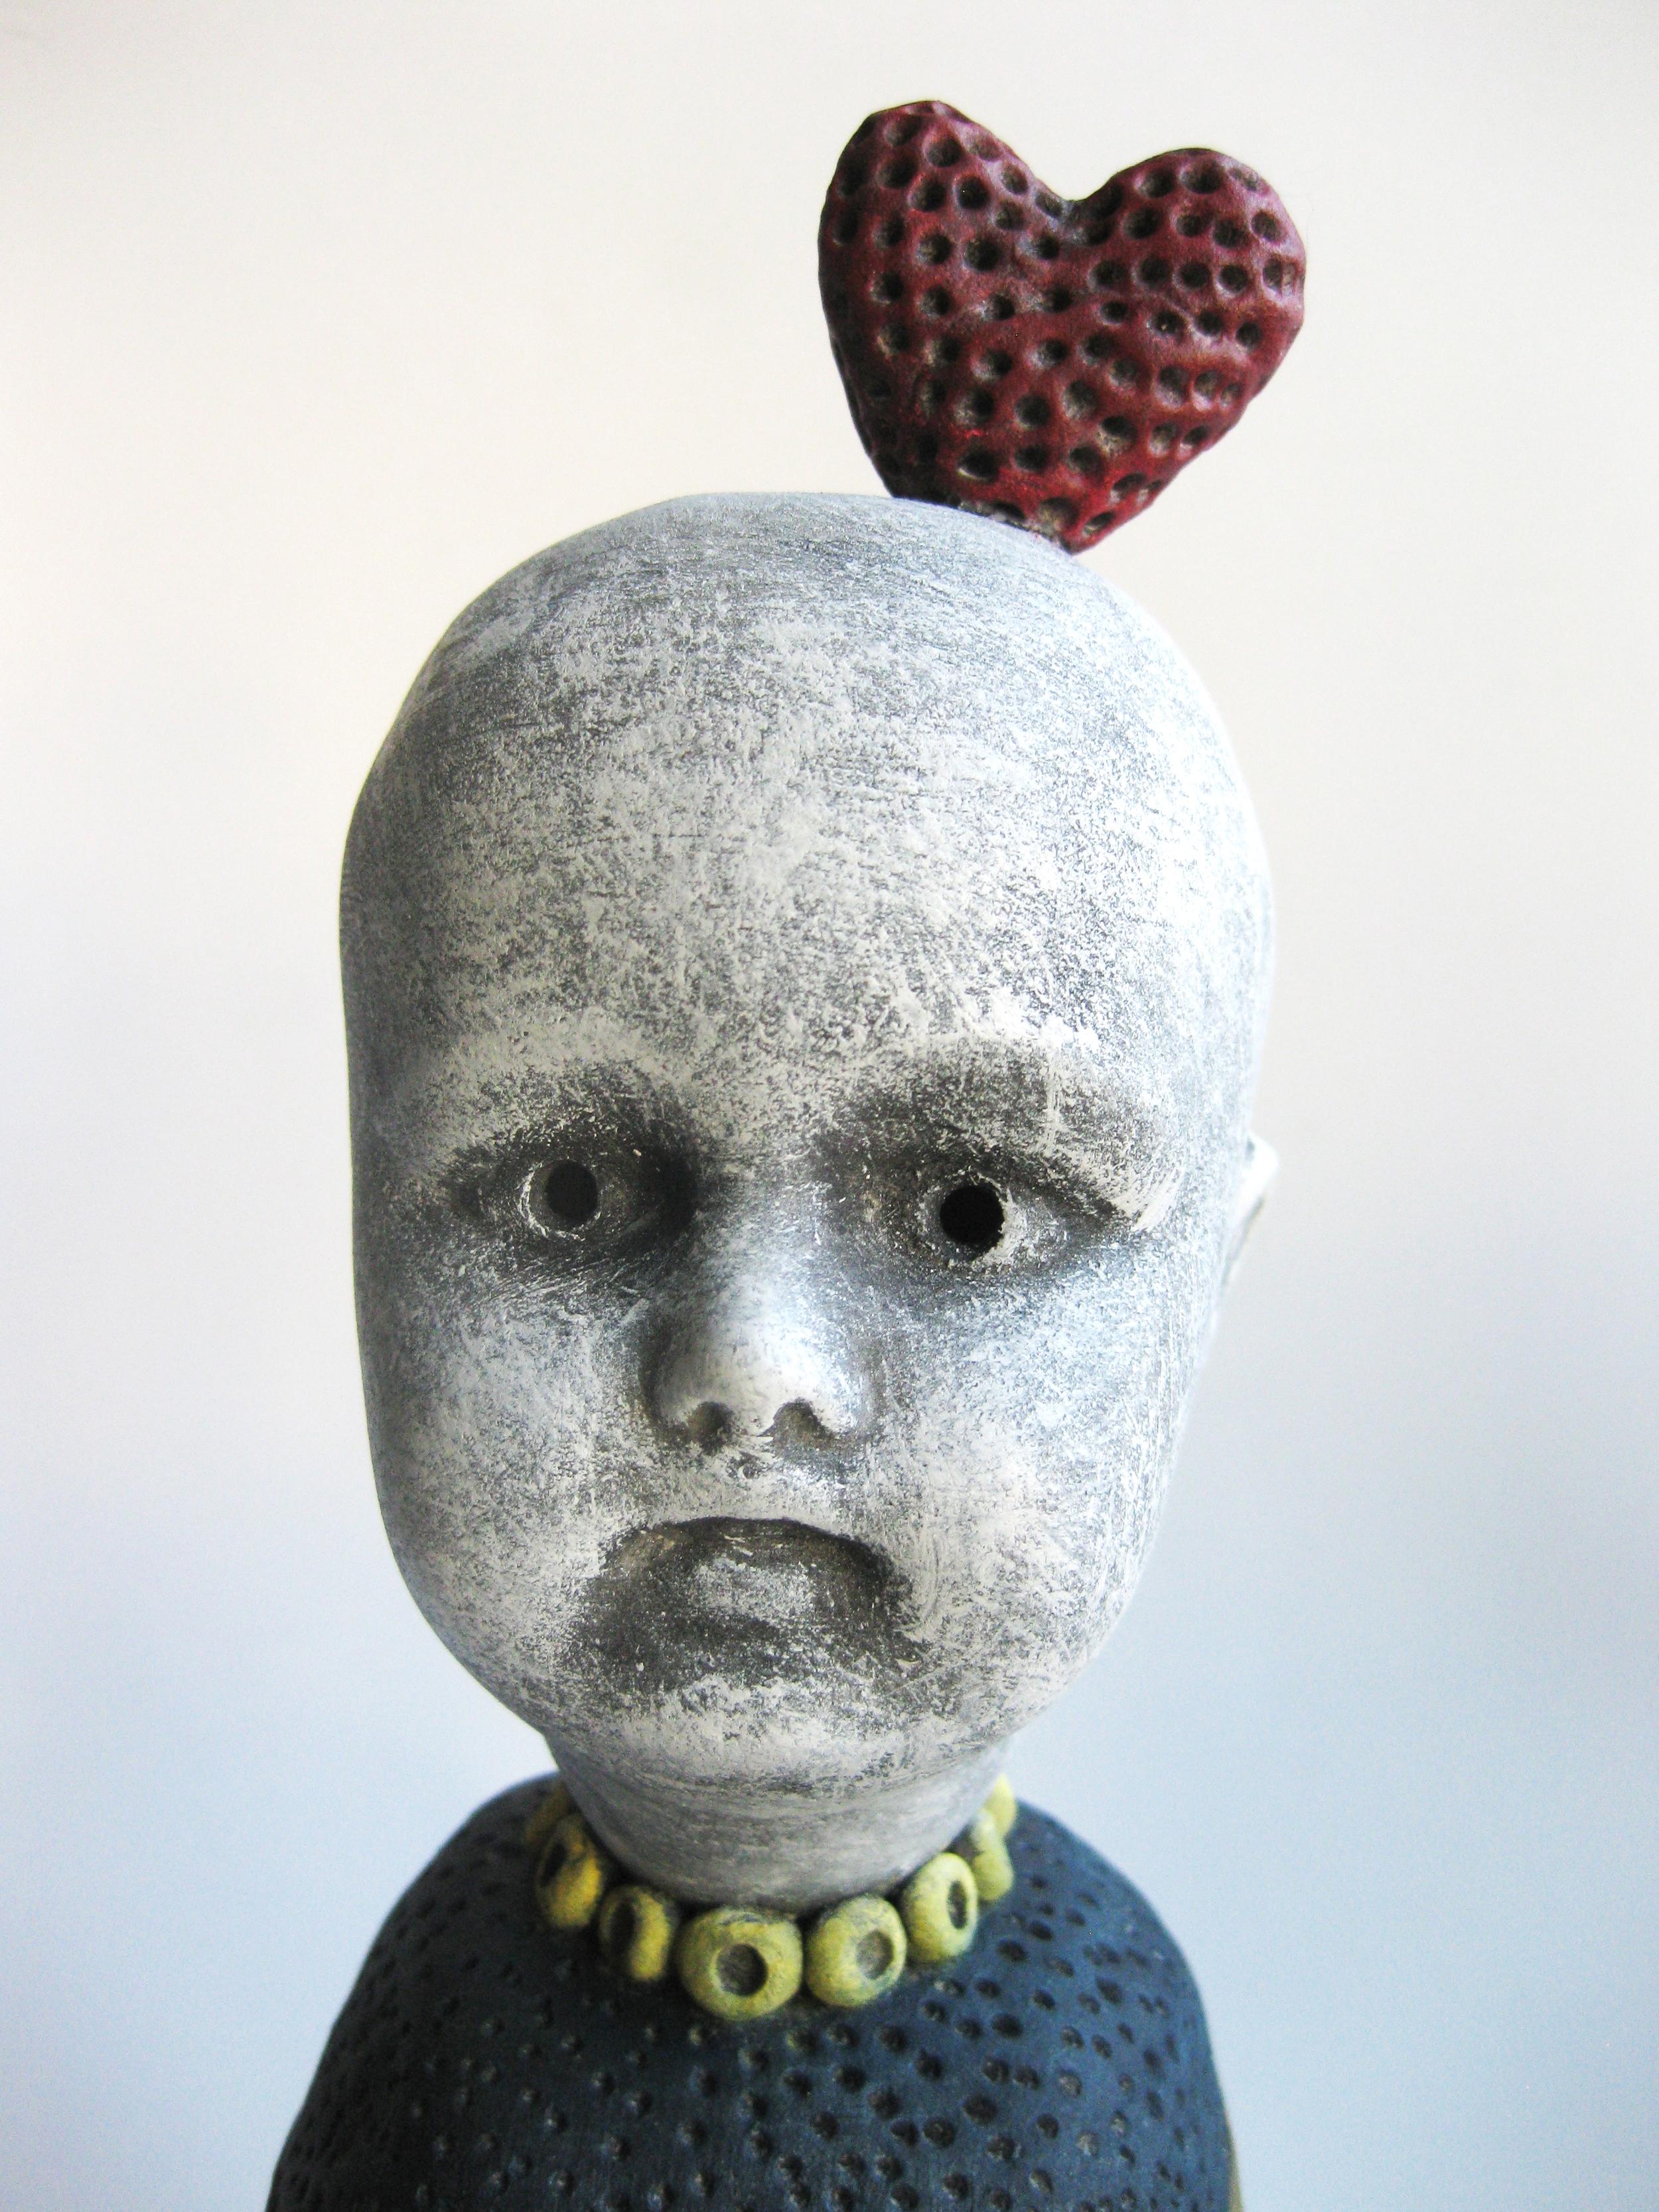 Inamorato (Head Detail)